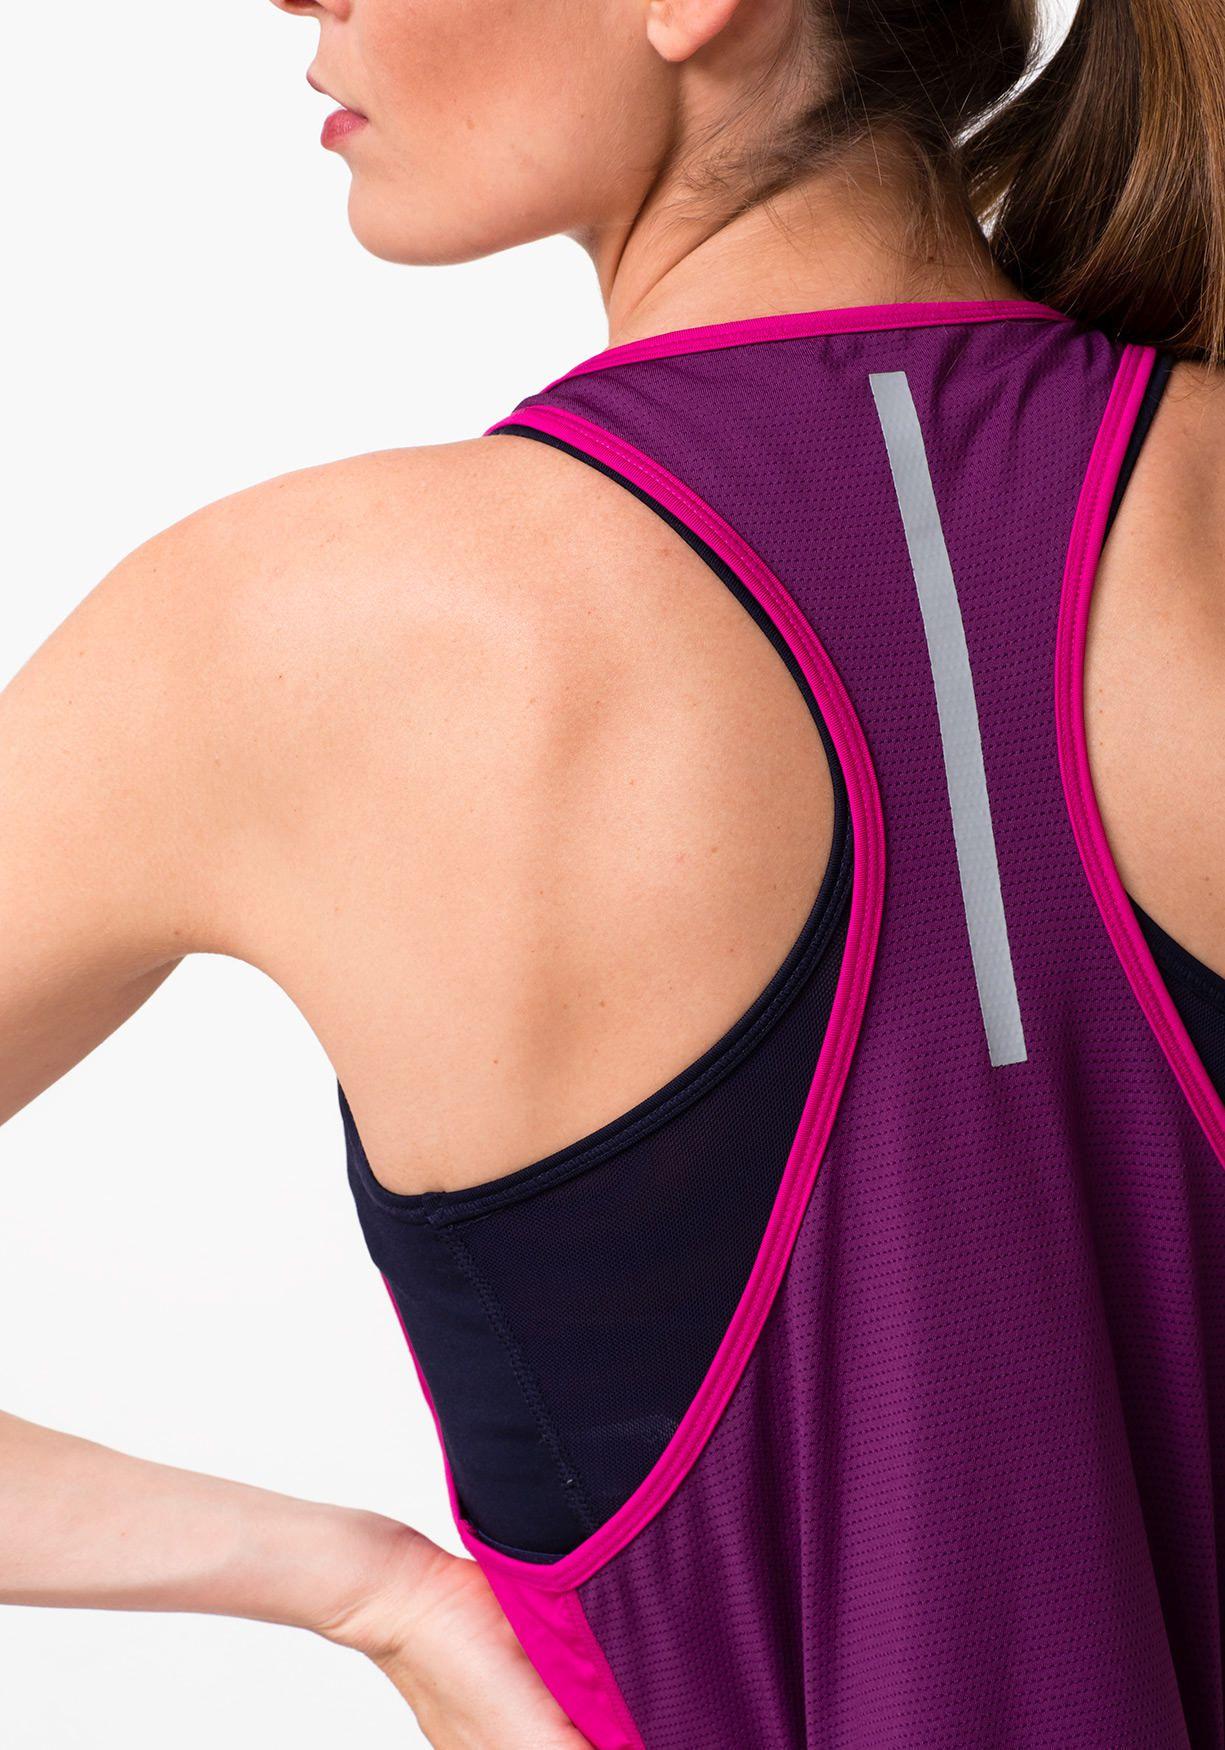 4abb390c25 Comprar Camiseta deporte de mujer sin mangas con top TEX ...